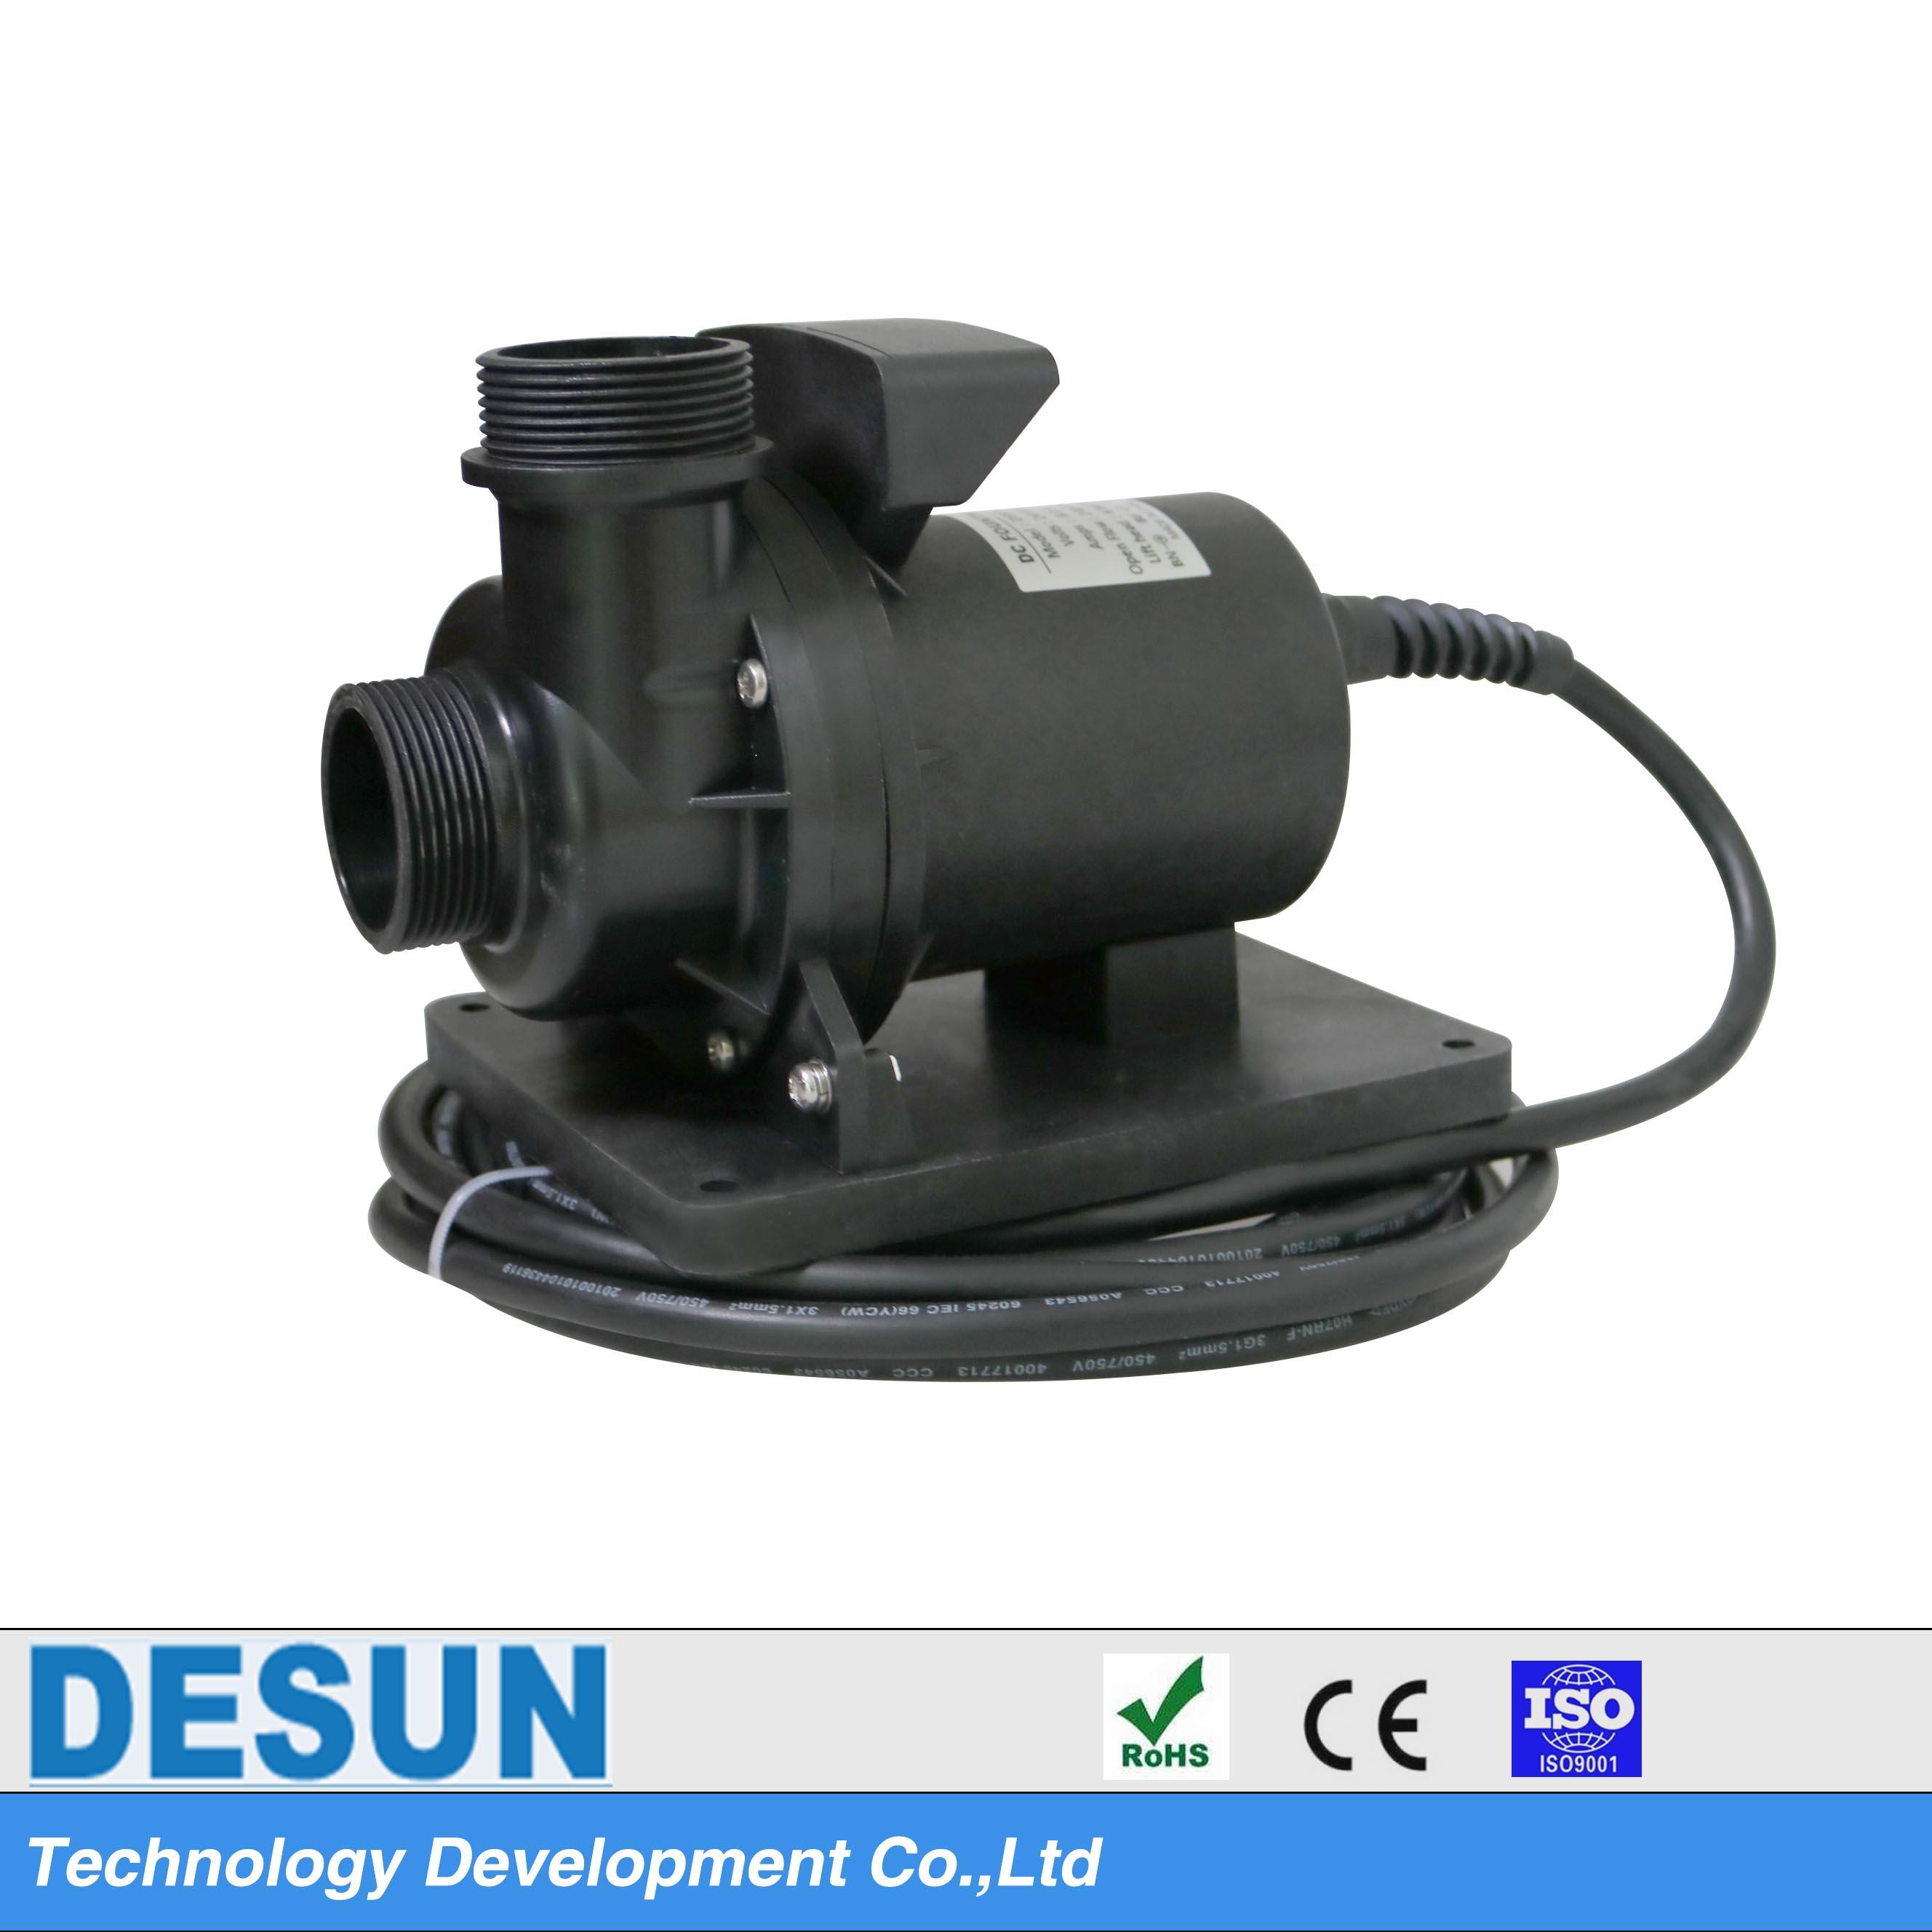 微型直流无刷潜水泵DS9002